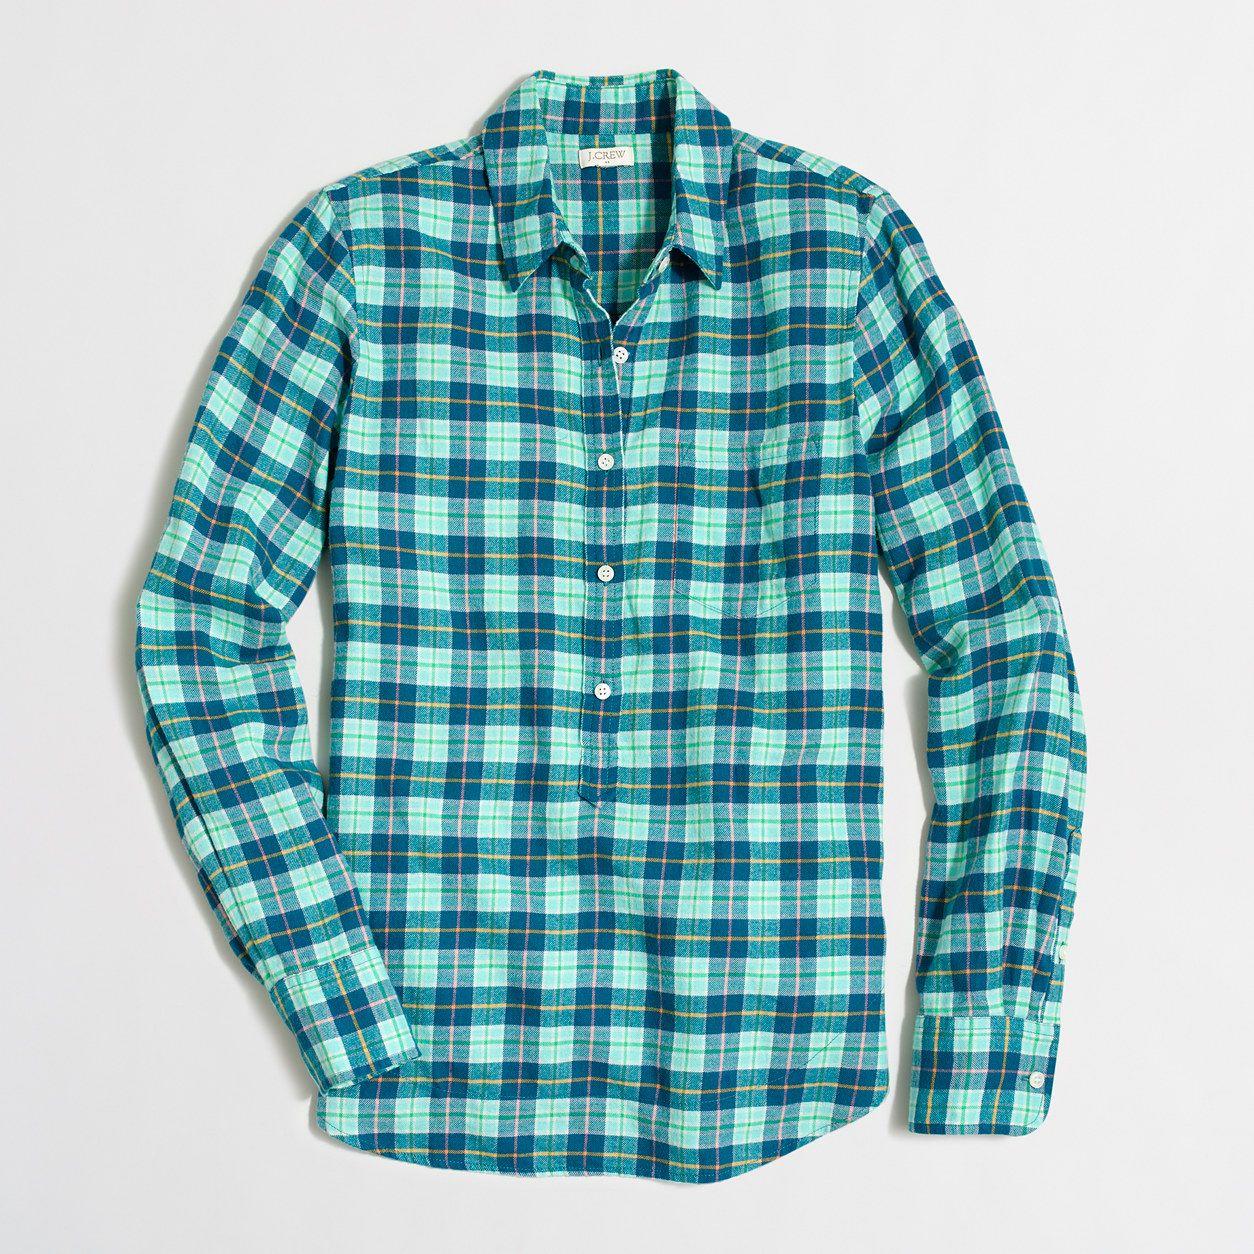 Flannel shirt women  ulueucliueCottonucliueucliueMachine washucliueucliueImportucliueucul